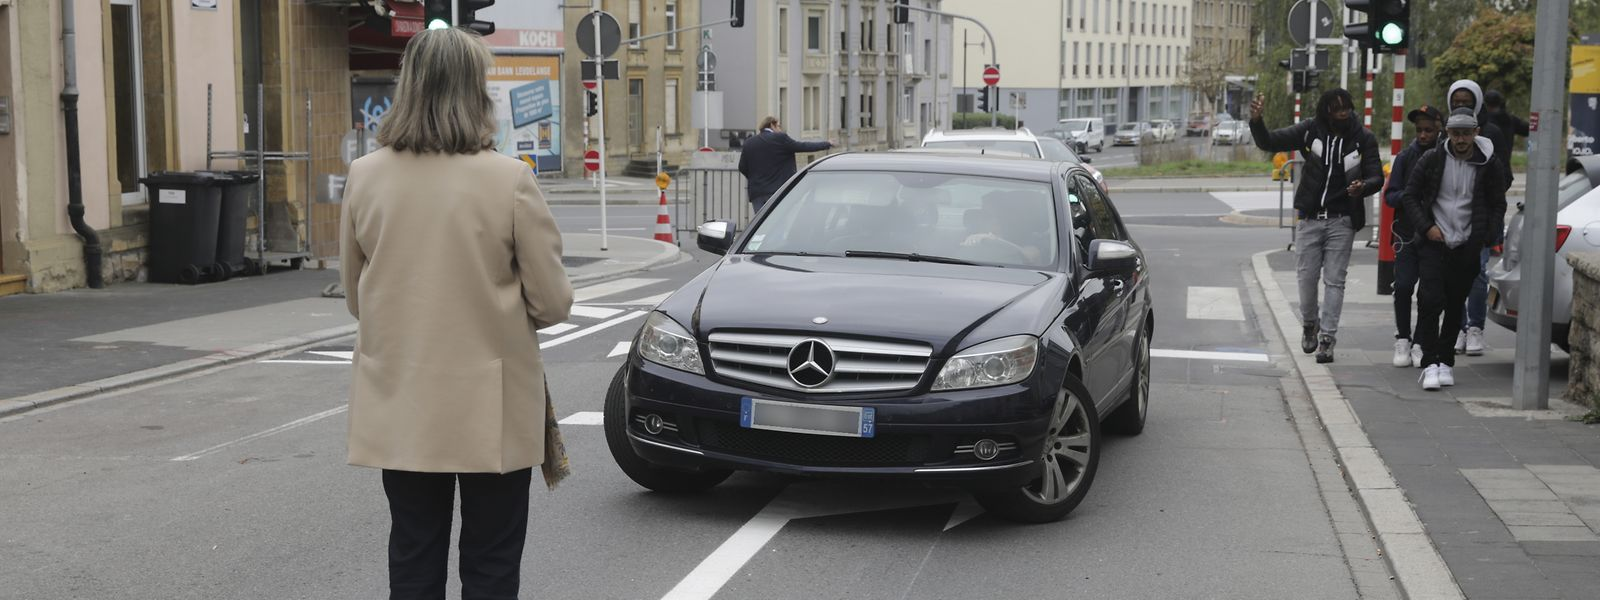 Einfahrt trotz großflächiger Verbotsschilder: Bürgermeisterin Lydie Polfer herself stoppte am Freitagmorgen in der Rue de Strasbourg Verkehrssünder.